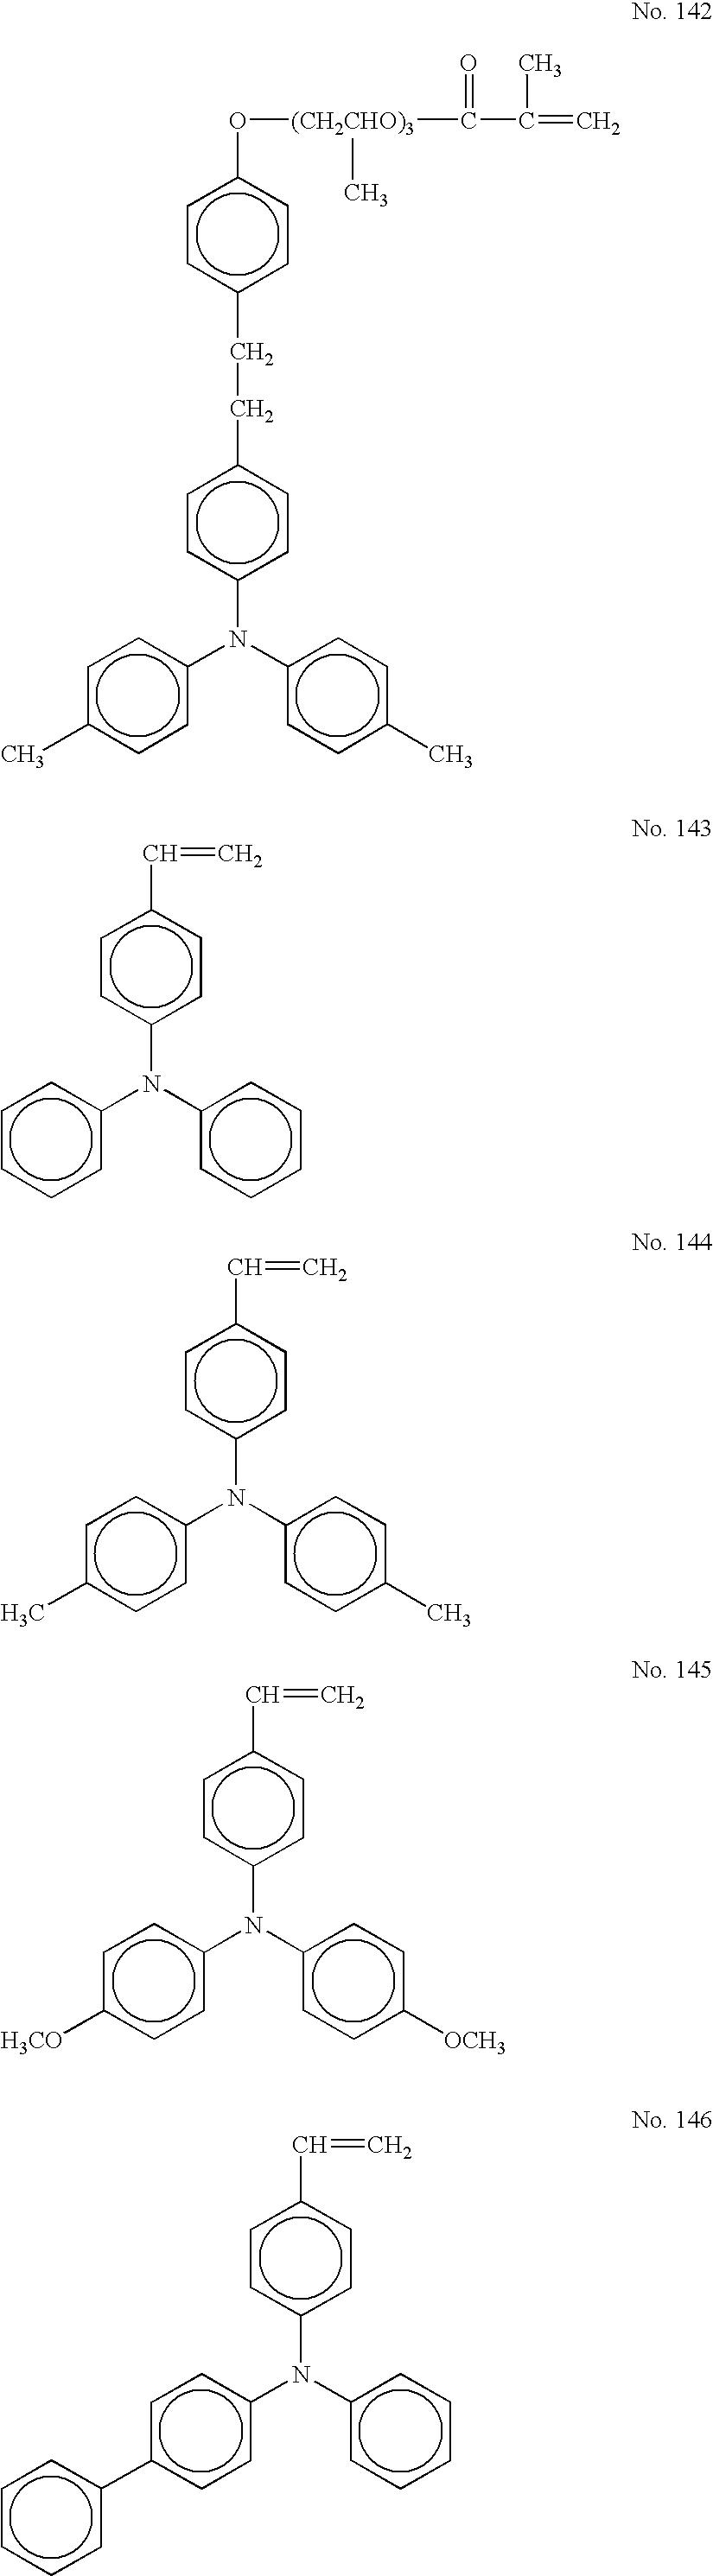 Figure US20050175911A1-20050811-C00051